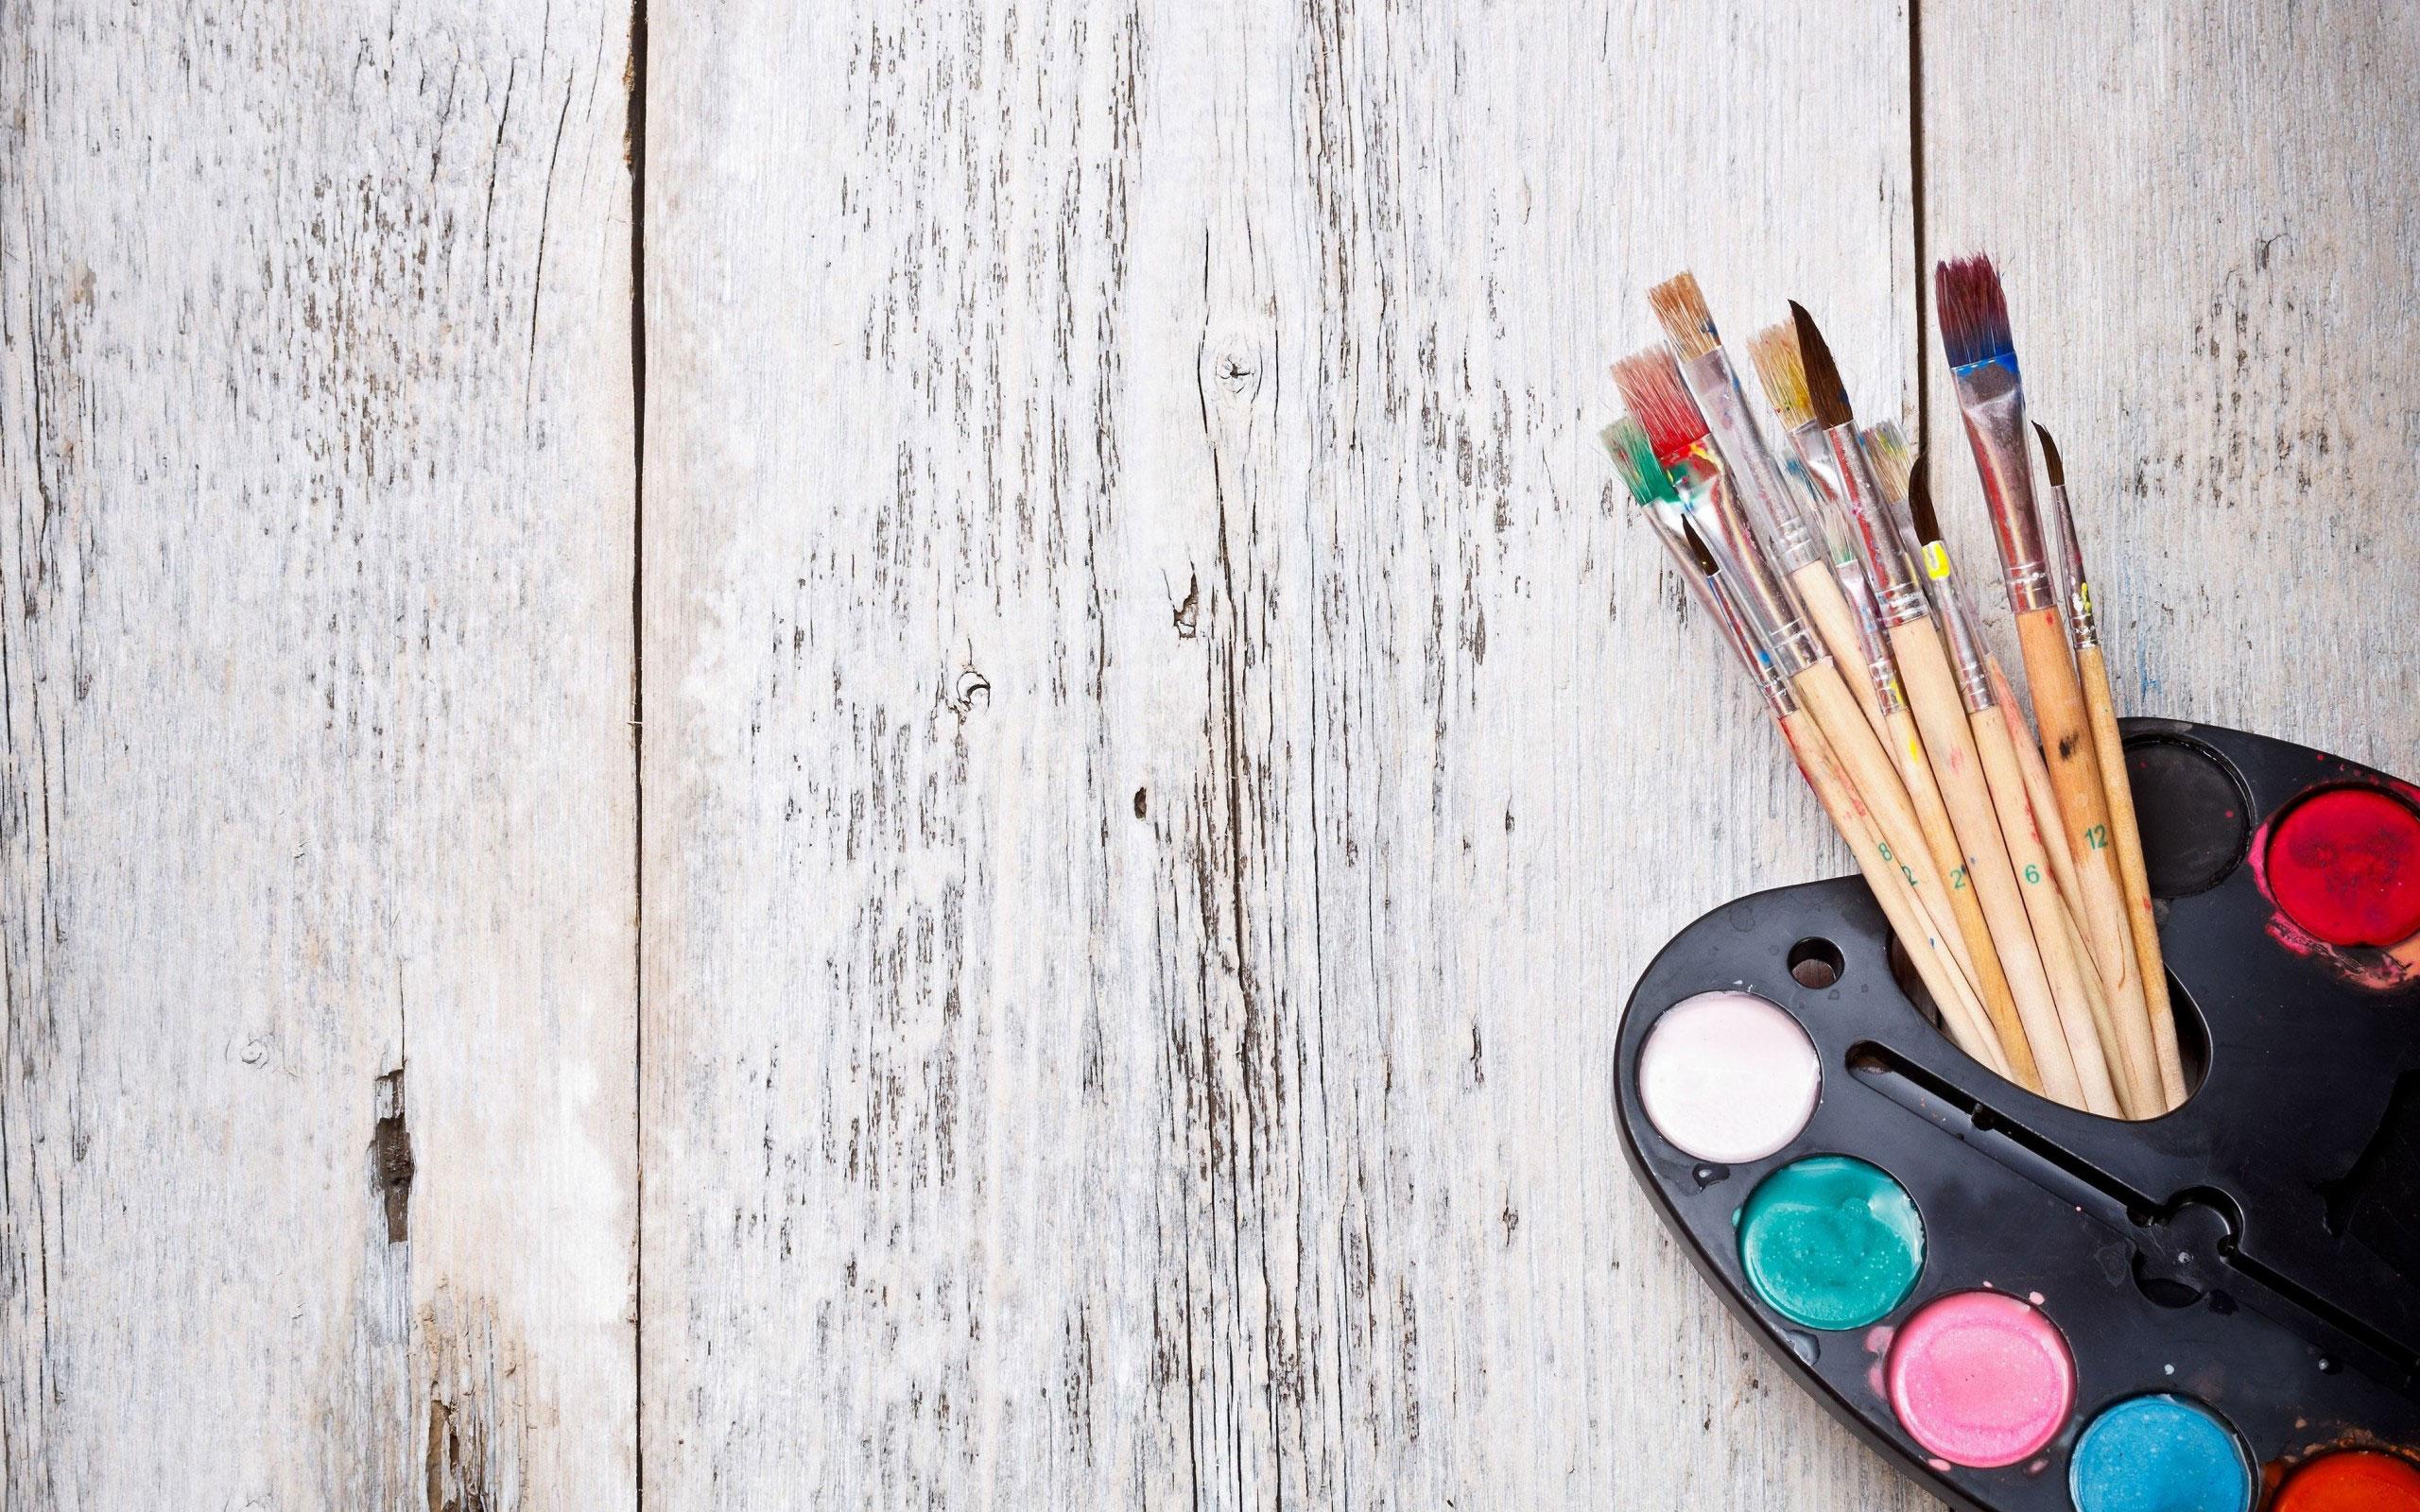 Тест: насколько хорошо ты разбираешься в цветах!?